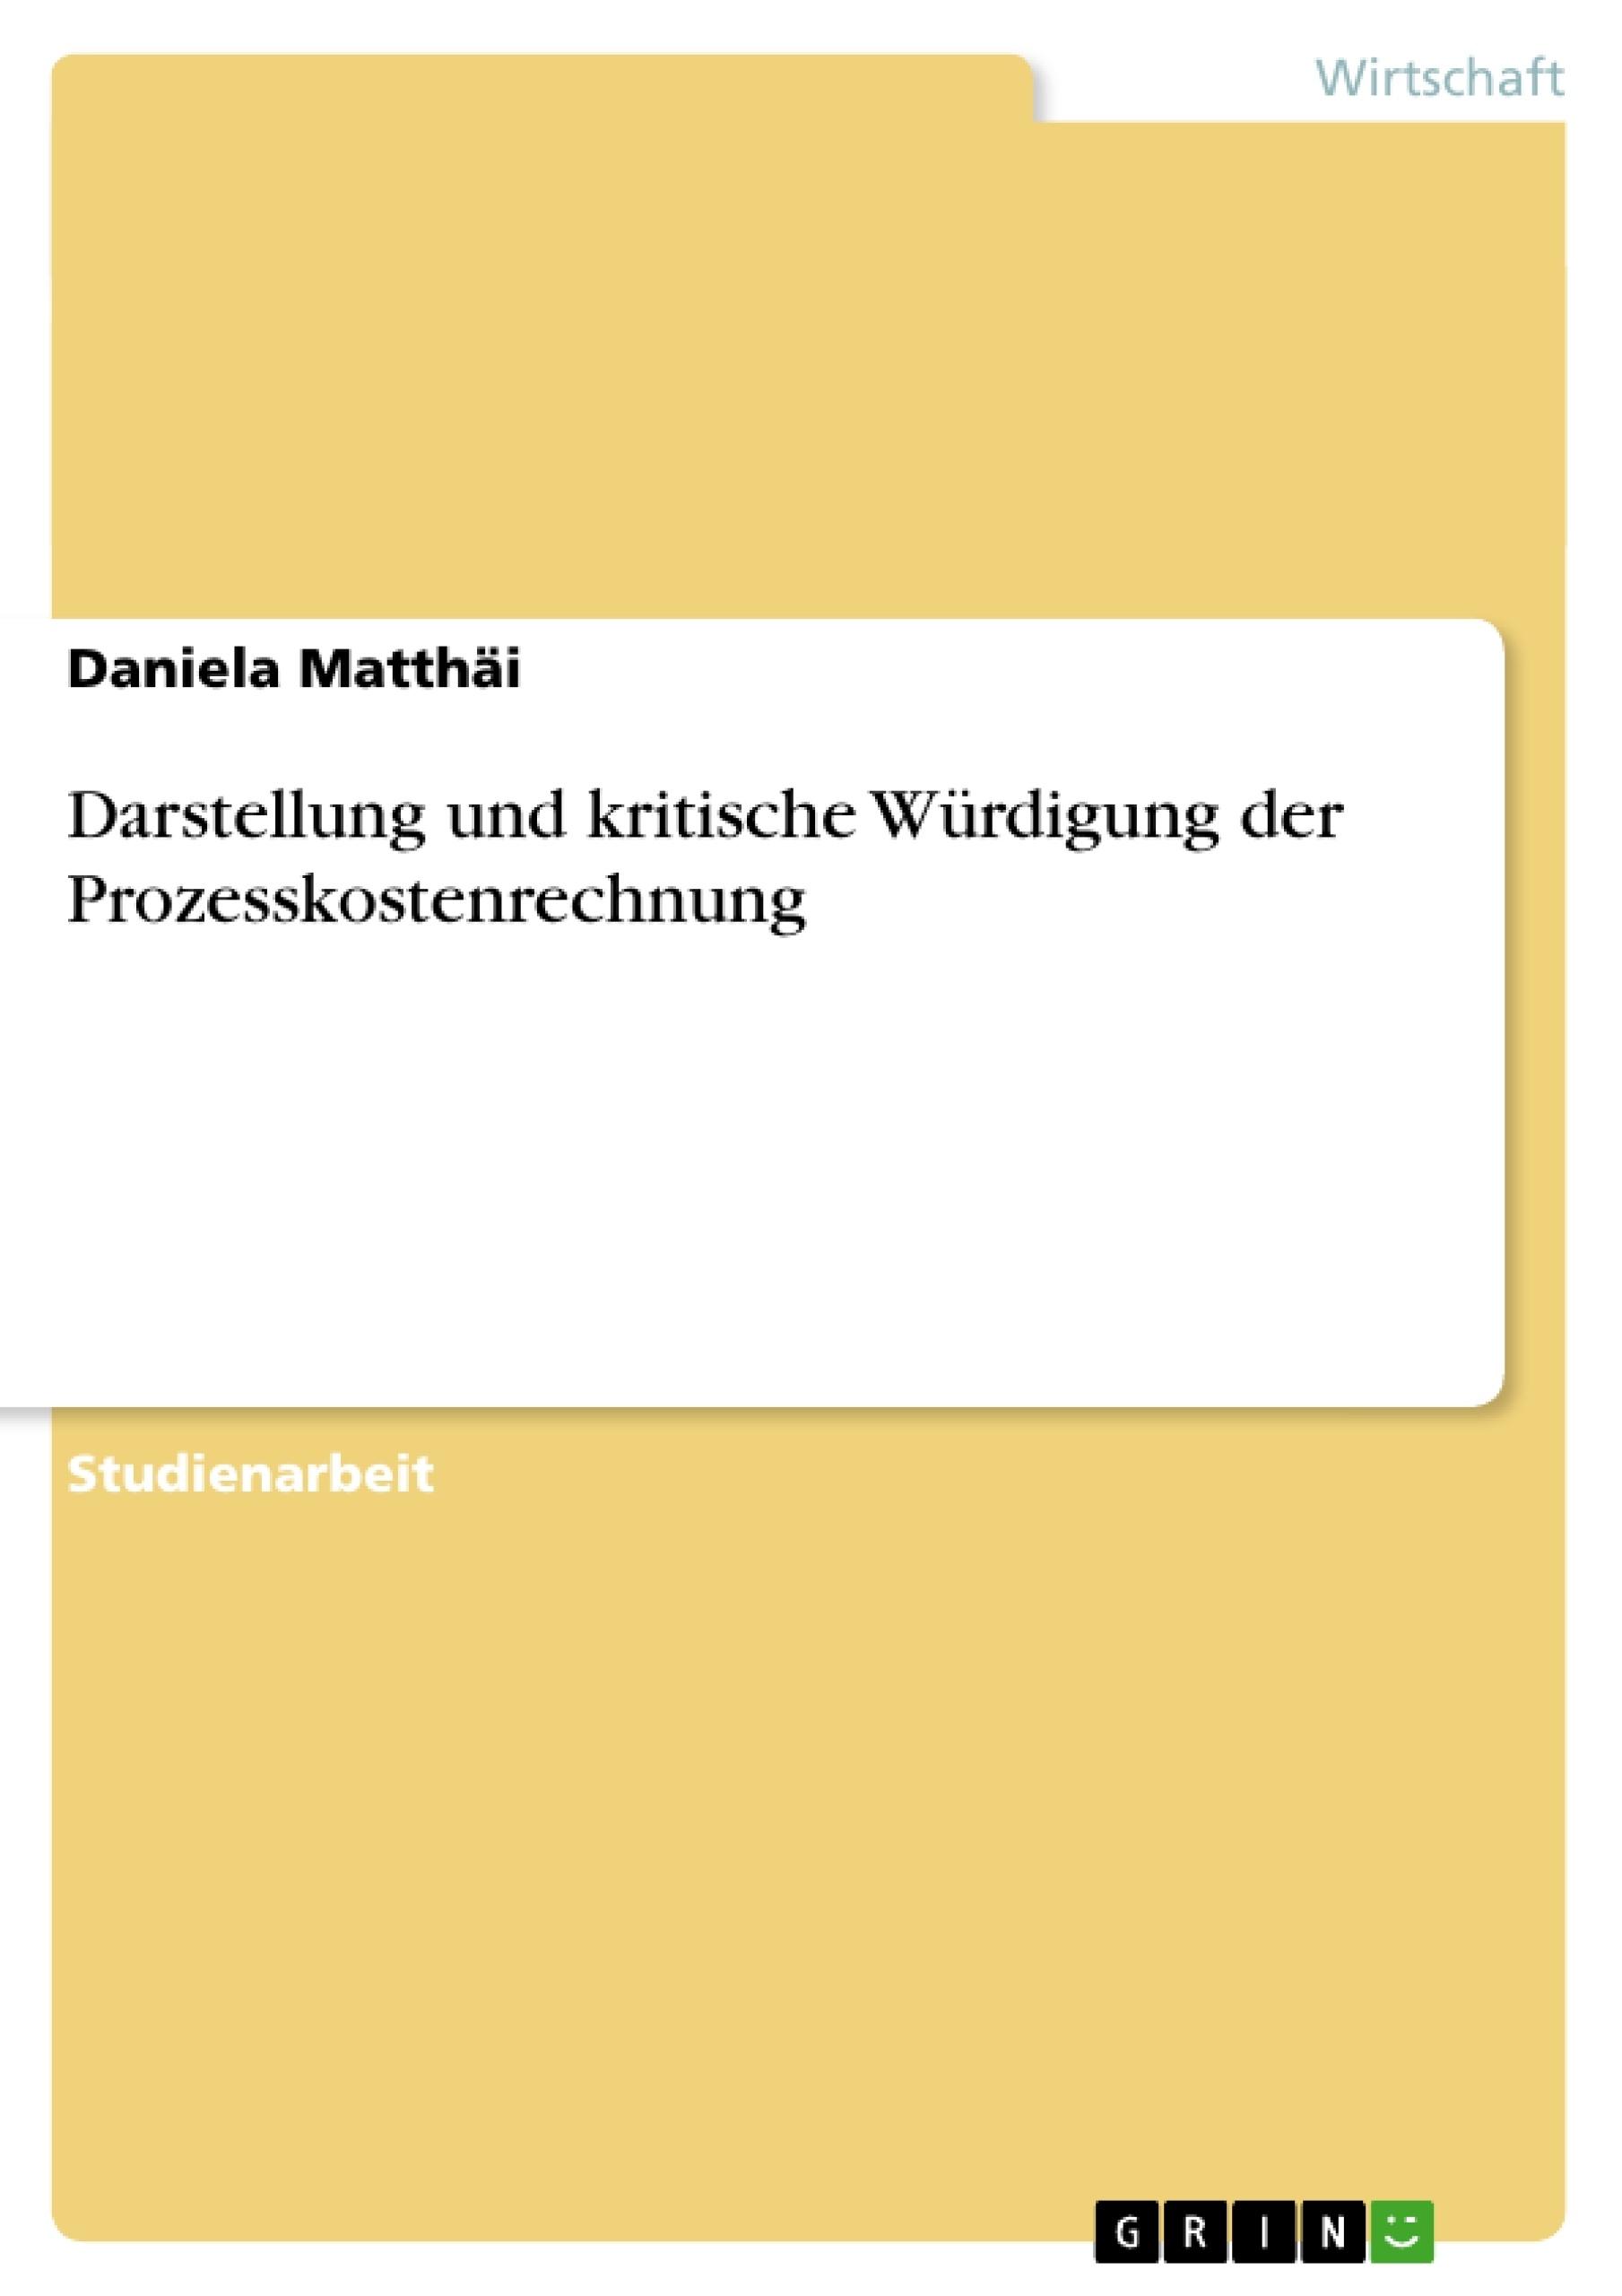 Titel: Darstellung und kritische Würdigung der Prozesskostenrechnung